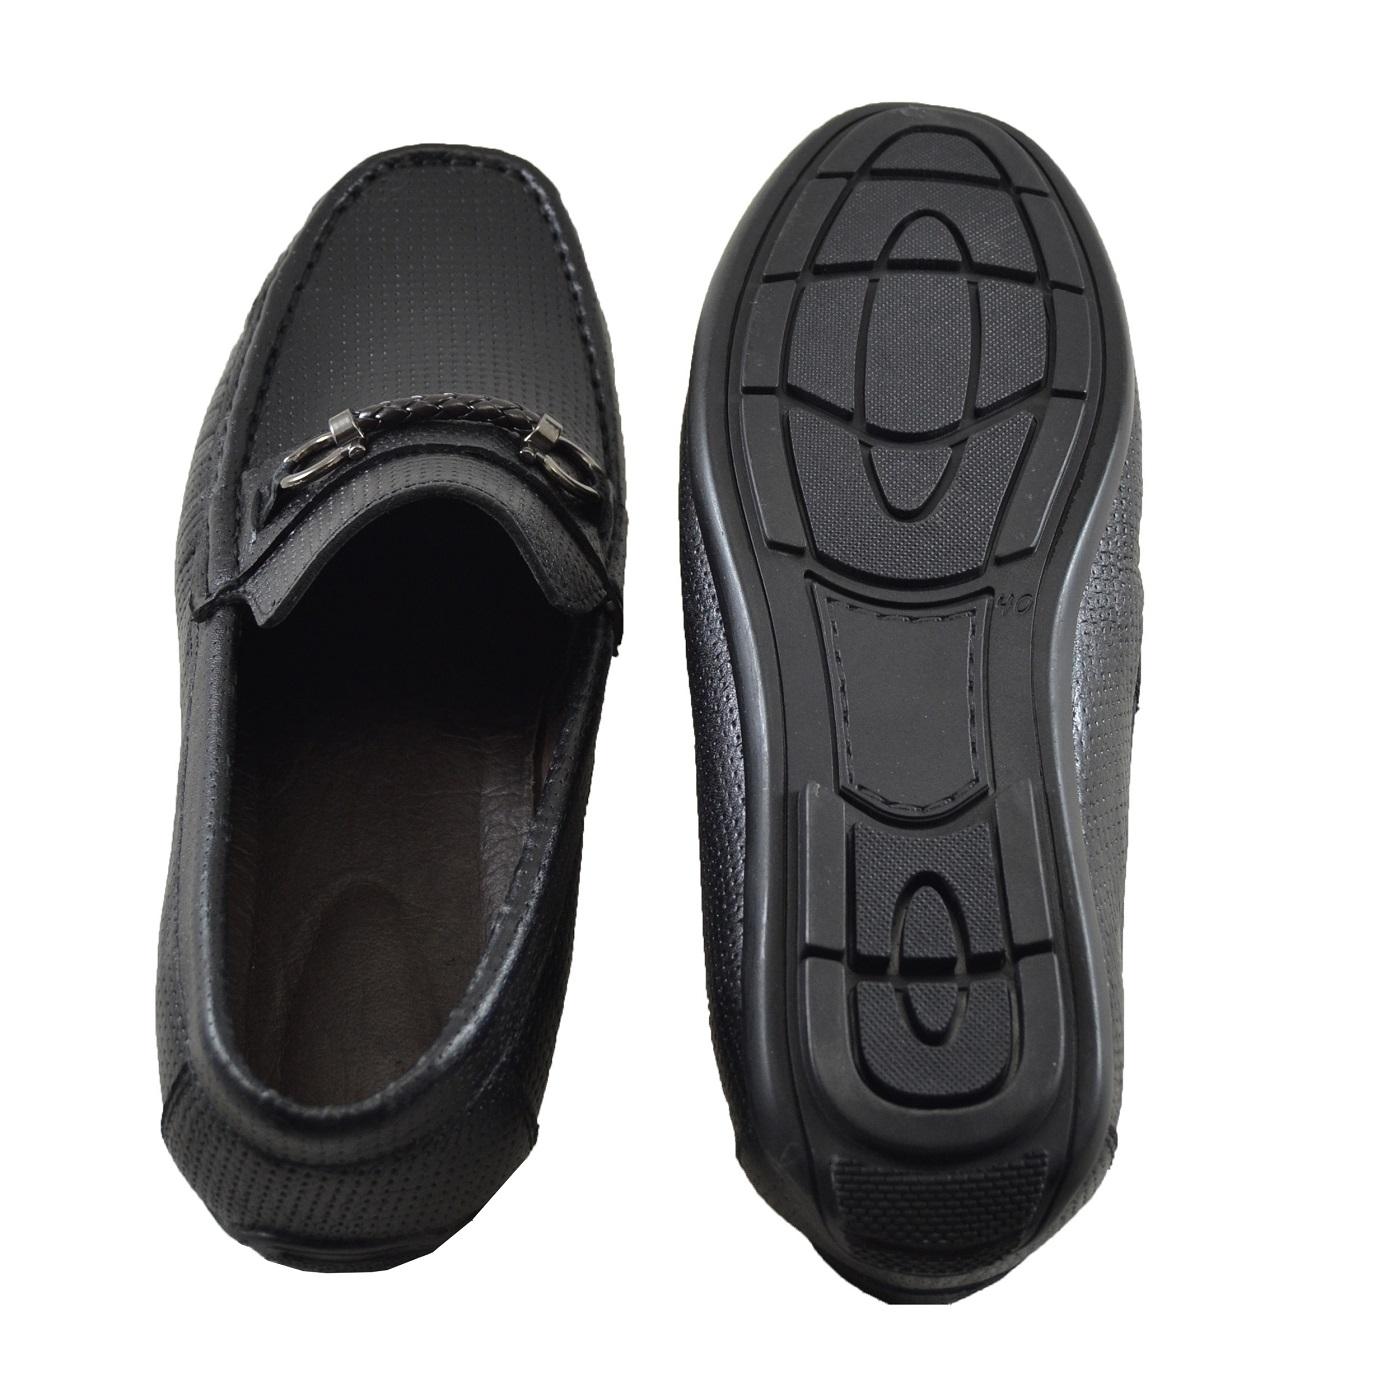 کفش روزمره مردانه کد 280 -  - 4